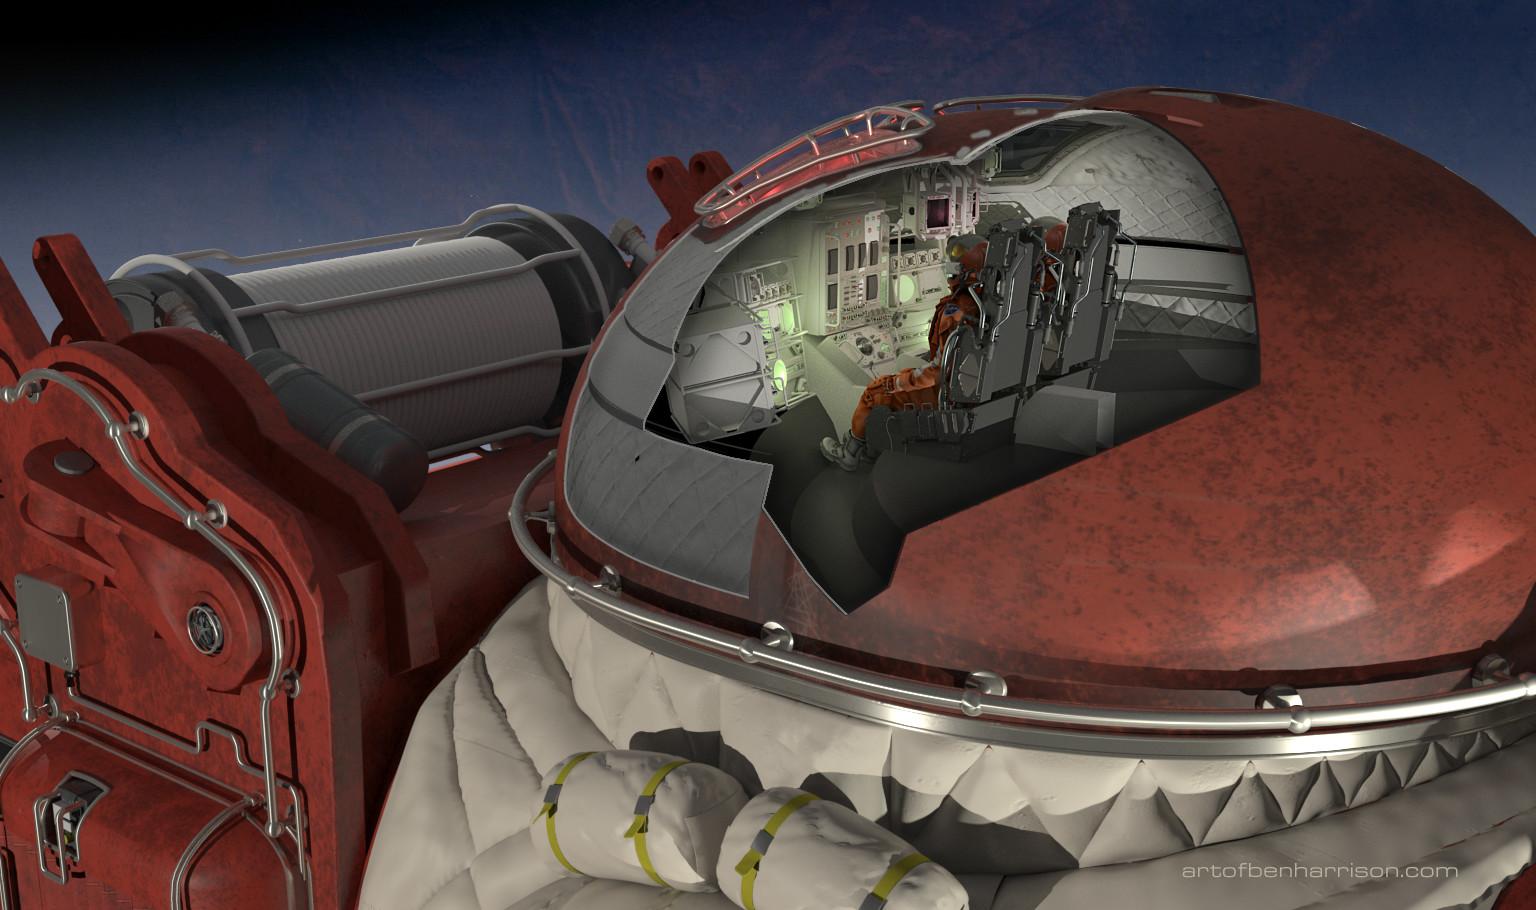 Ben harrison 02 cockpit cutout